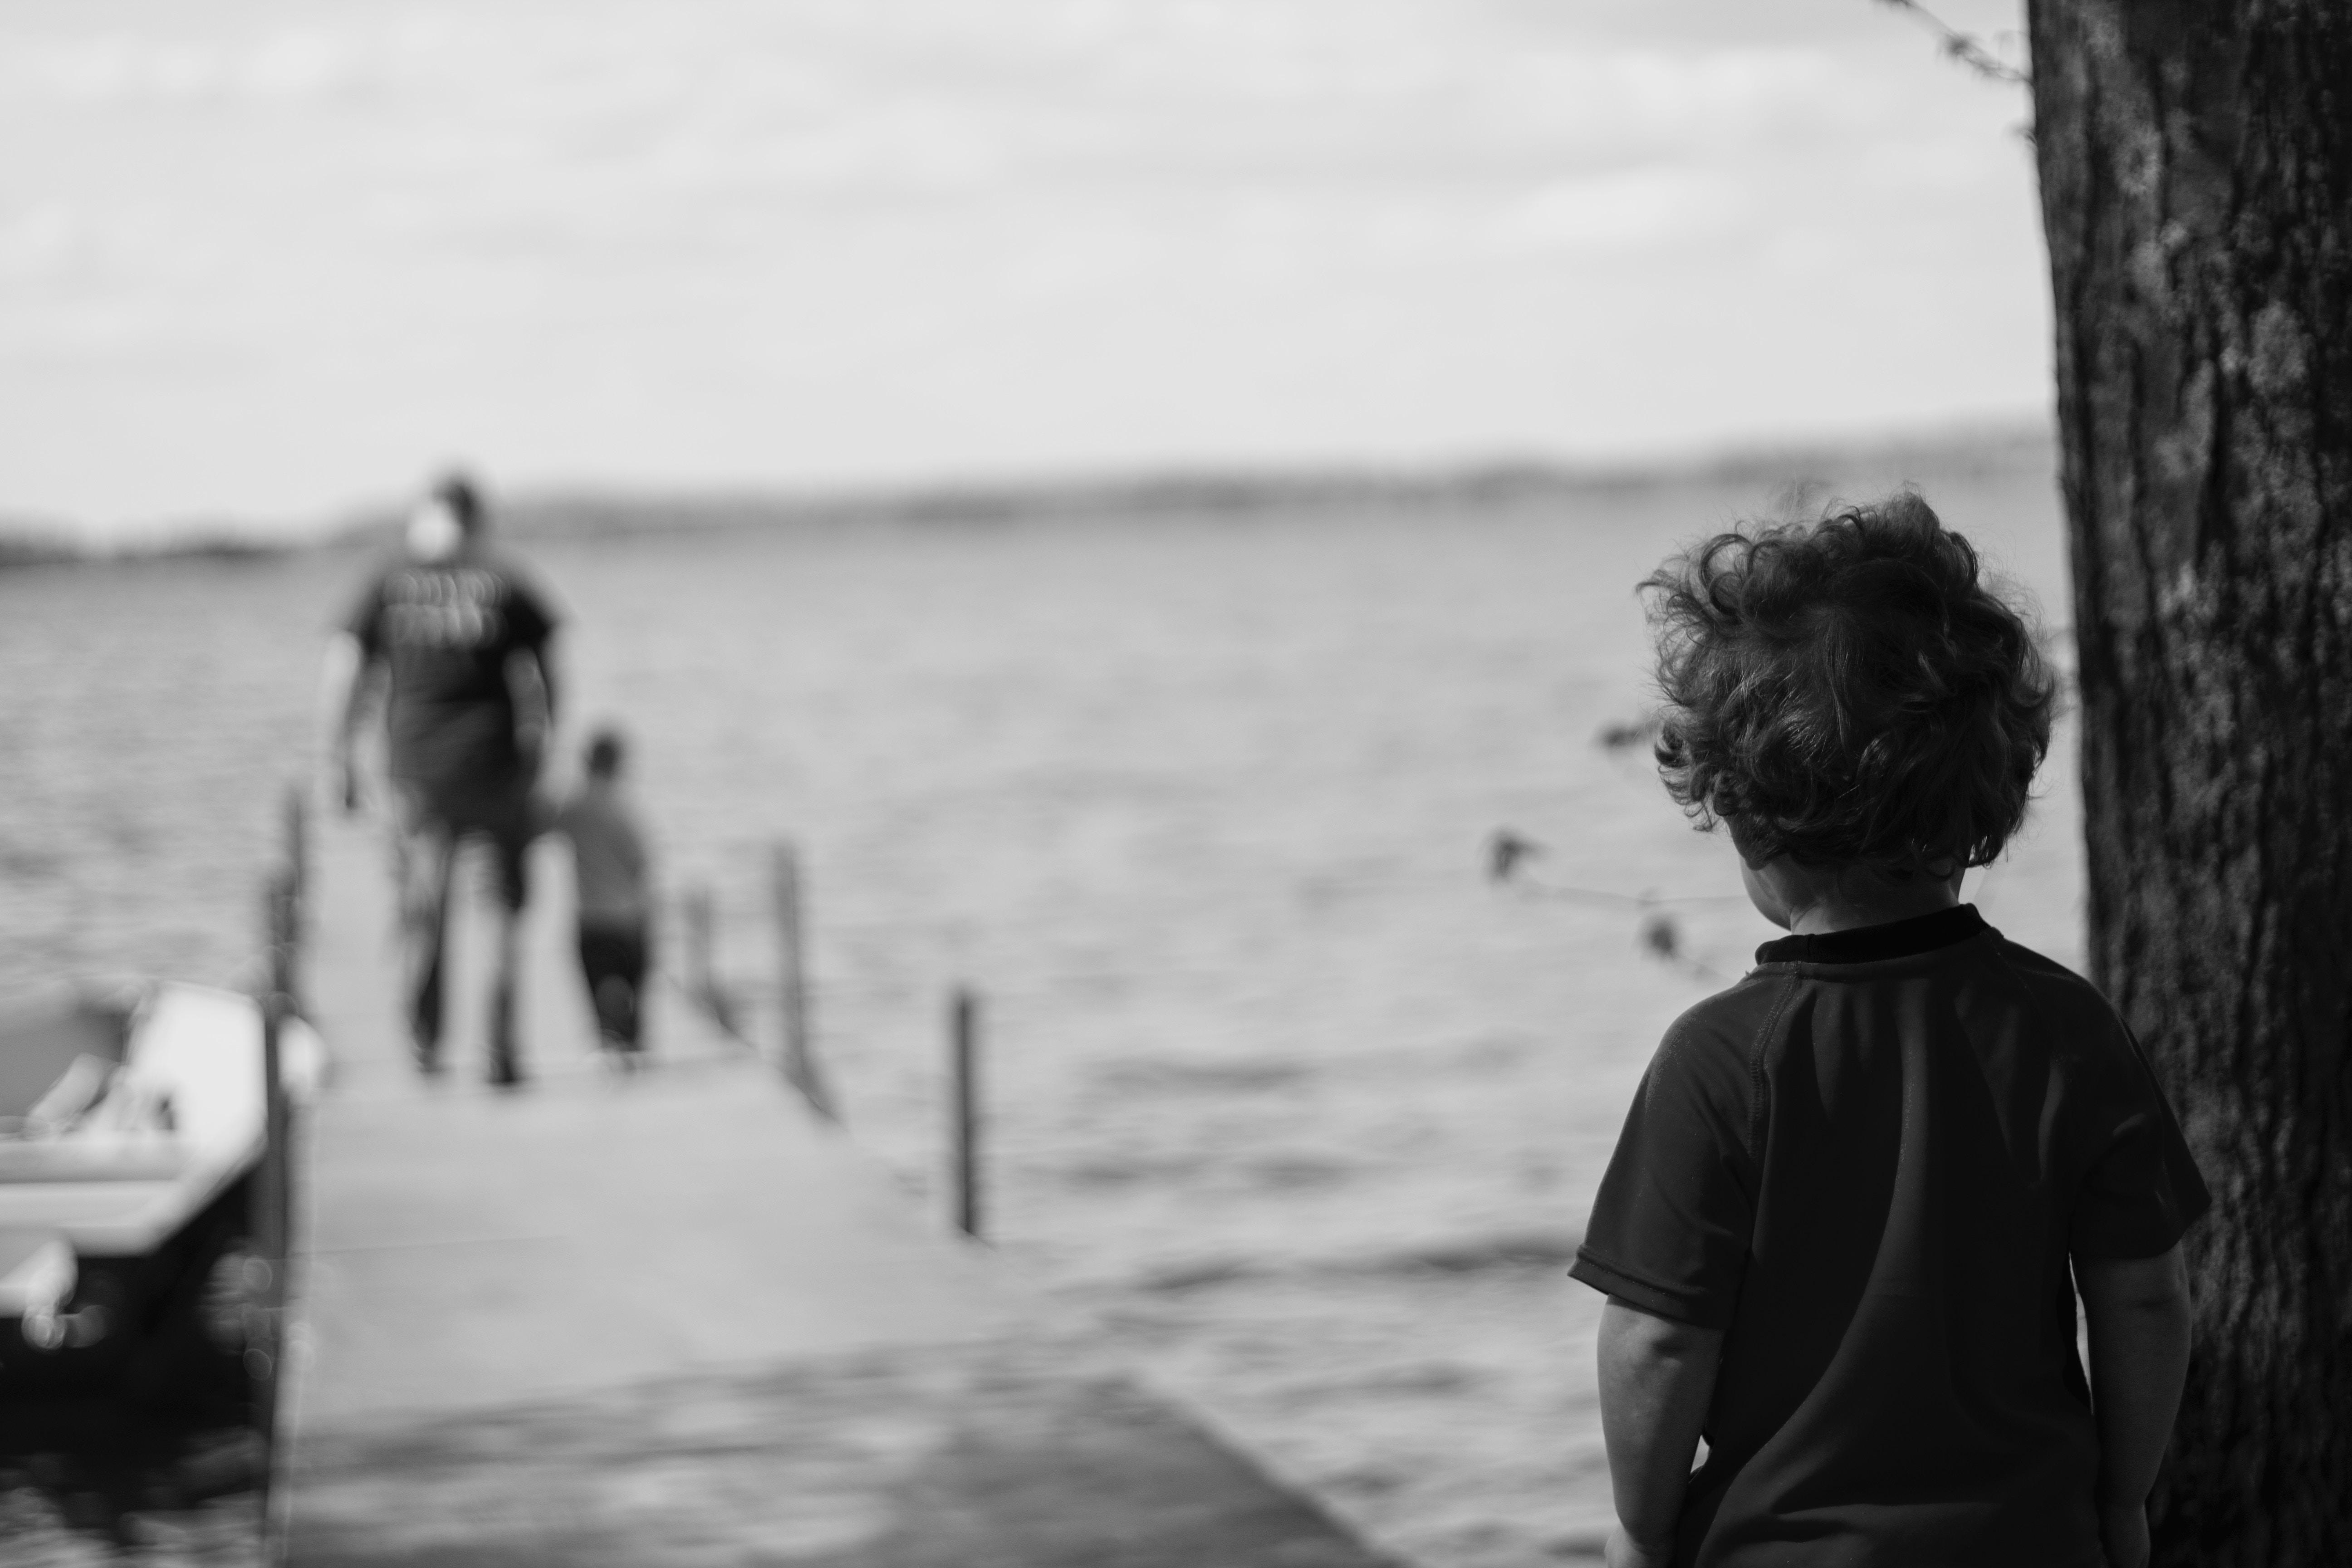 איך נעזור לילדים להתמודד עם פחד